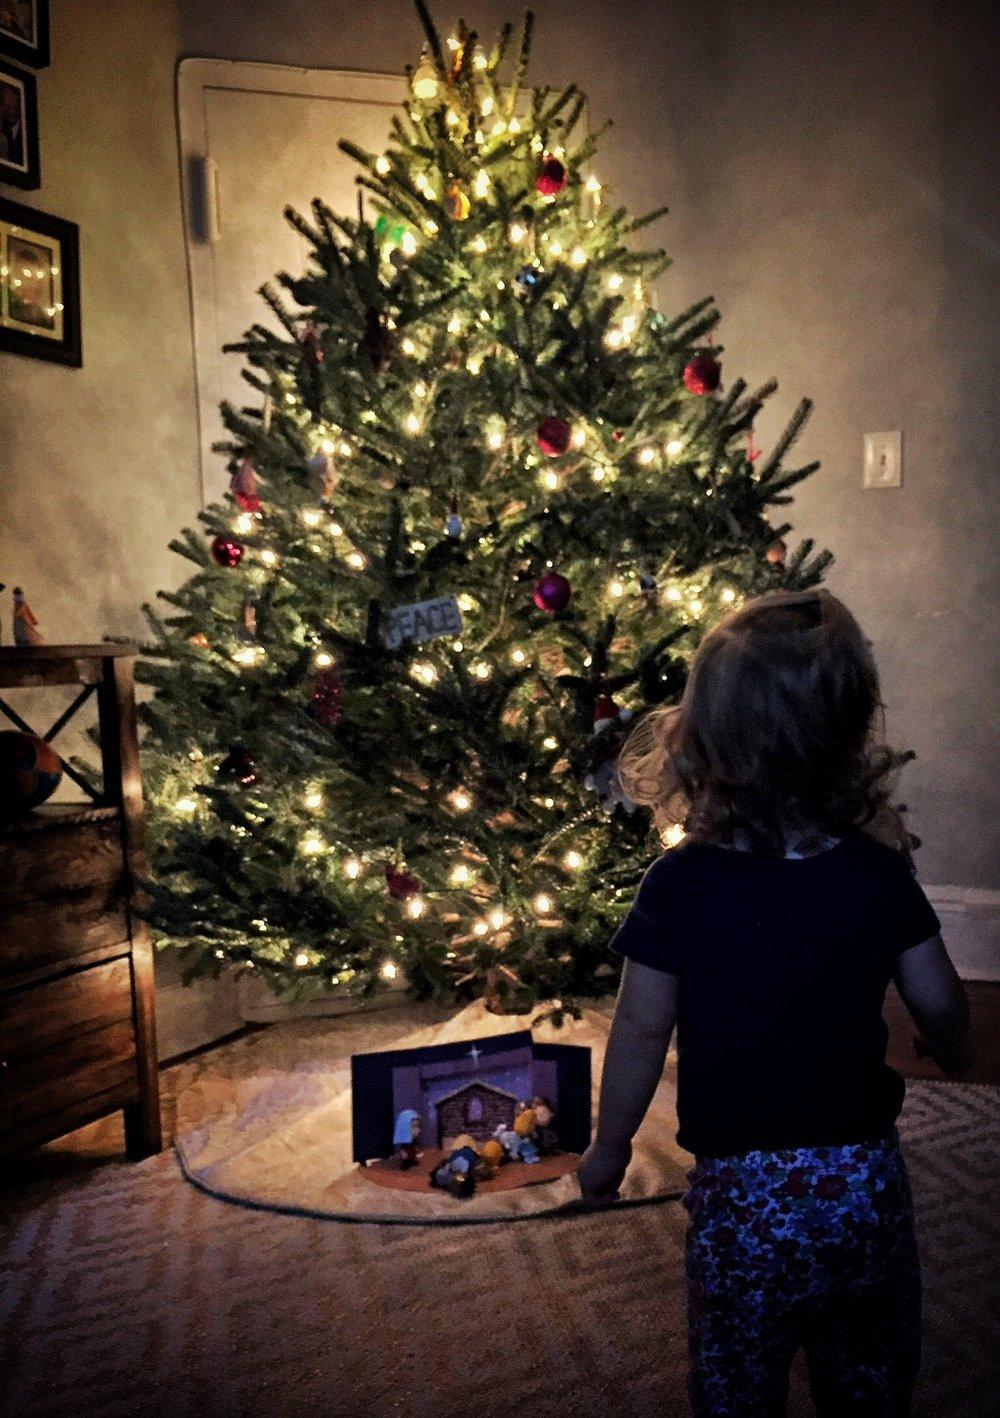 So many things to celebrate in December. Feliz Navidad! Merry Christmas!